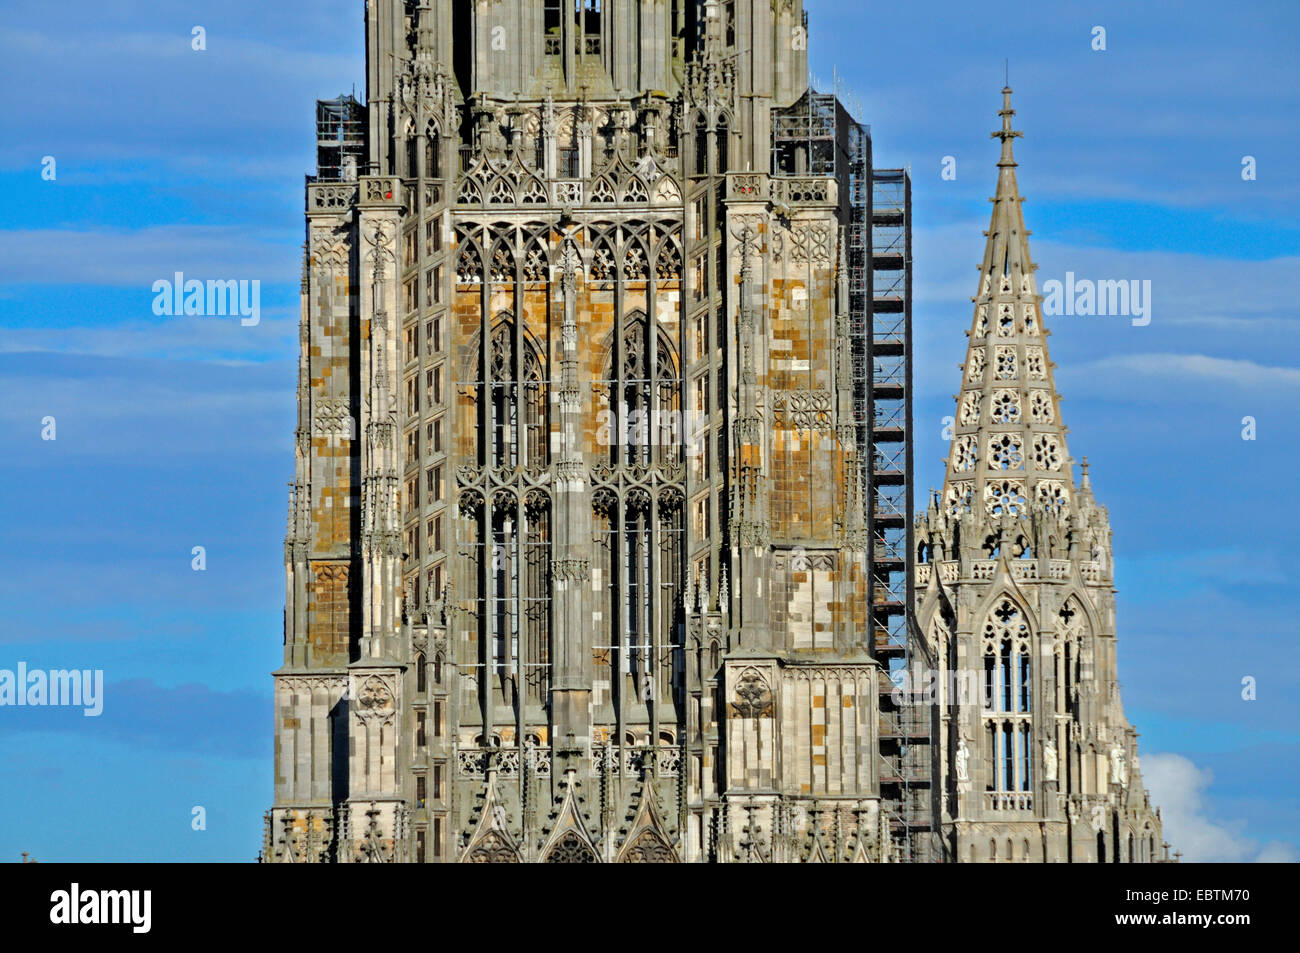 Ulm Minster, plus grande église du monde, détail, Allemagne, Bade-Wurtemberg, Ulm Banque D'Images